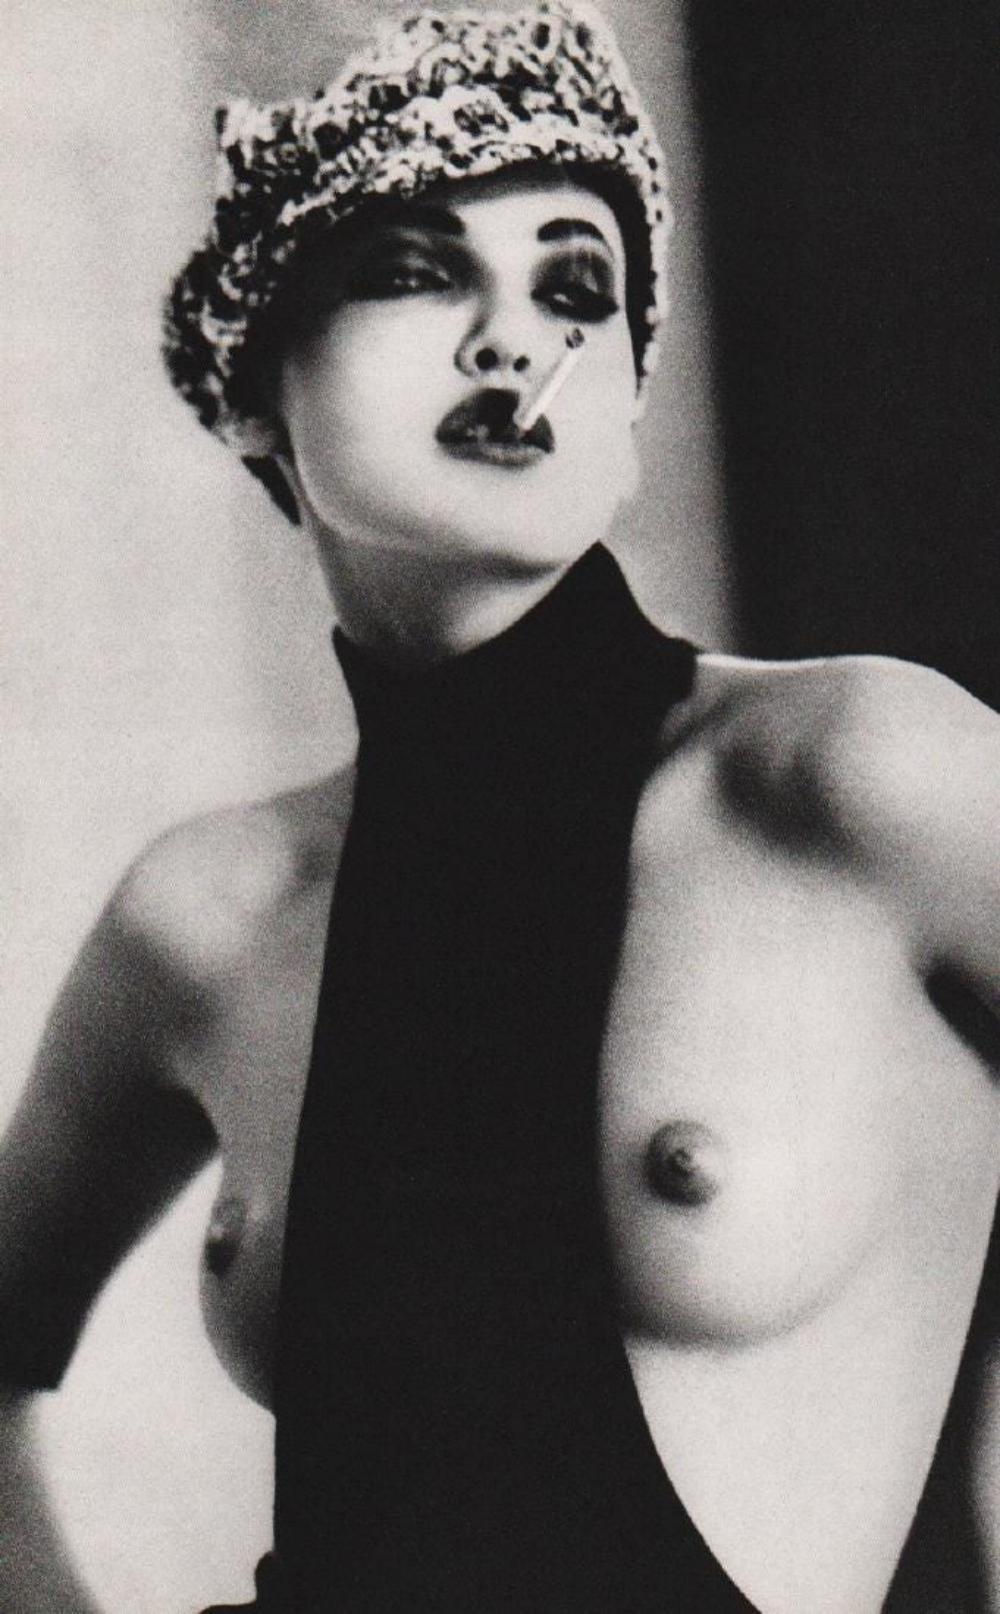 ELLEN VON UNWERTH - SMOKY NADJA, PARIS, 1991